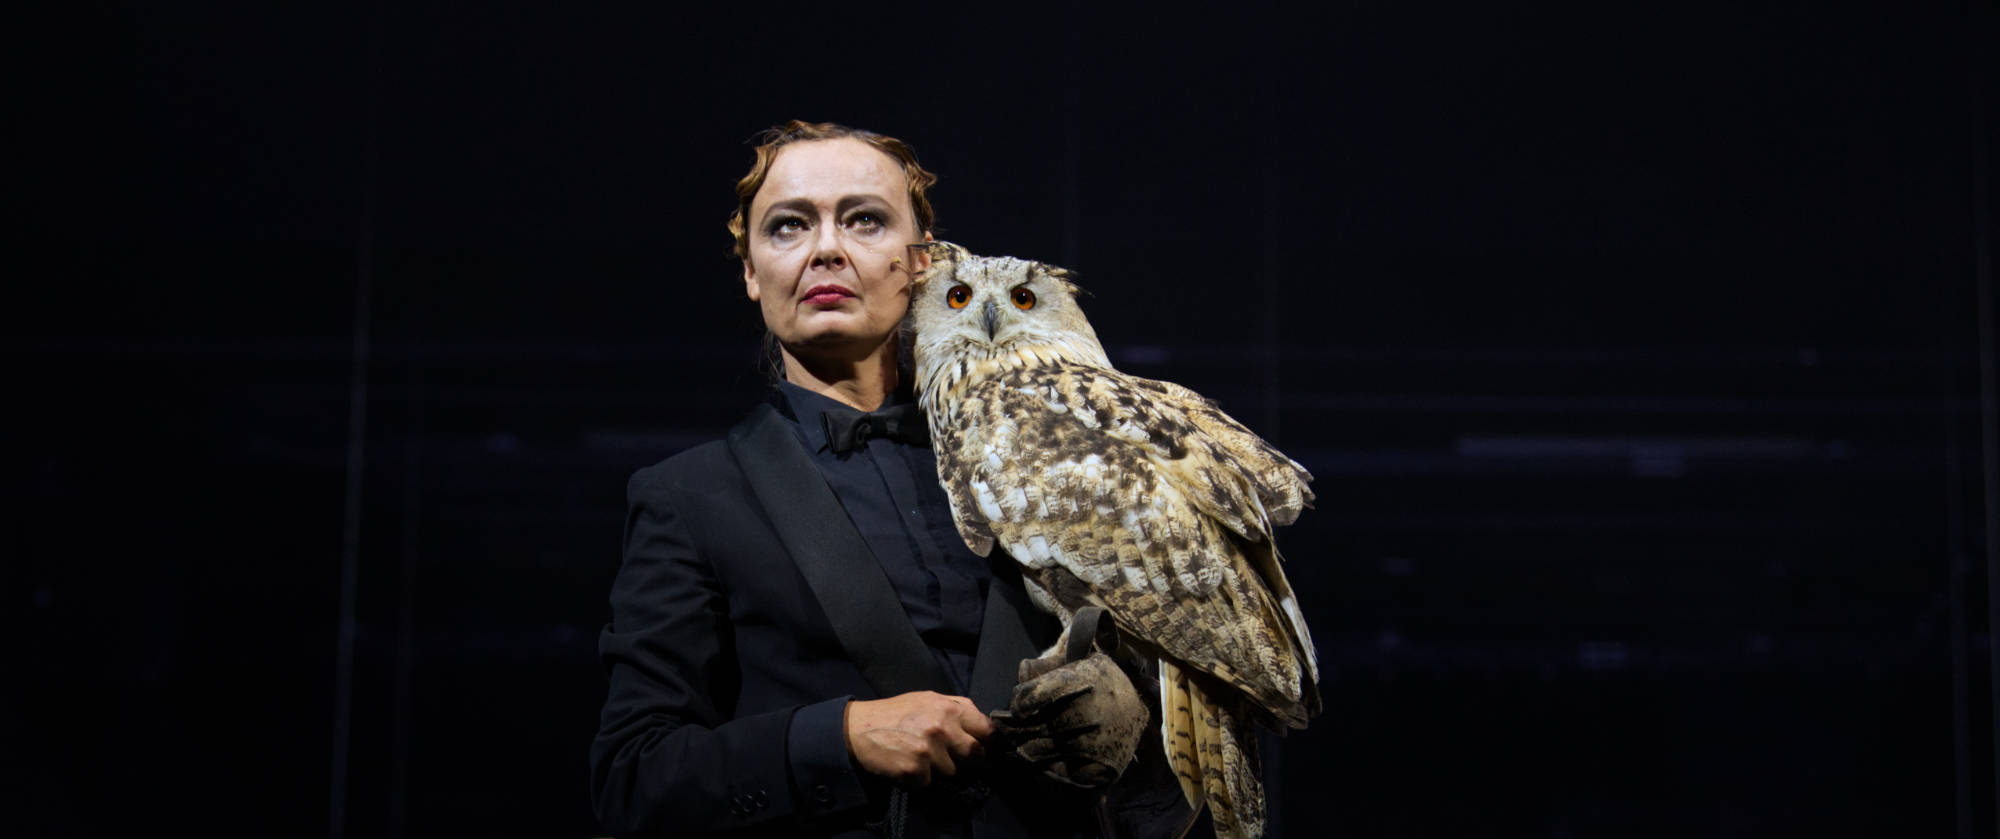 001-BLACK-RIDER-Staatstheater-Cottbus-Regie-und-Buehne-Malte-Kreutzfeldt-2019-photo-c-Marlies-Kross-2019